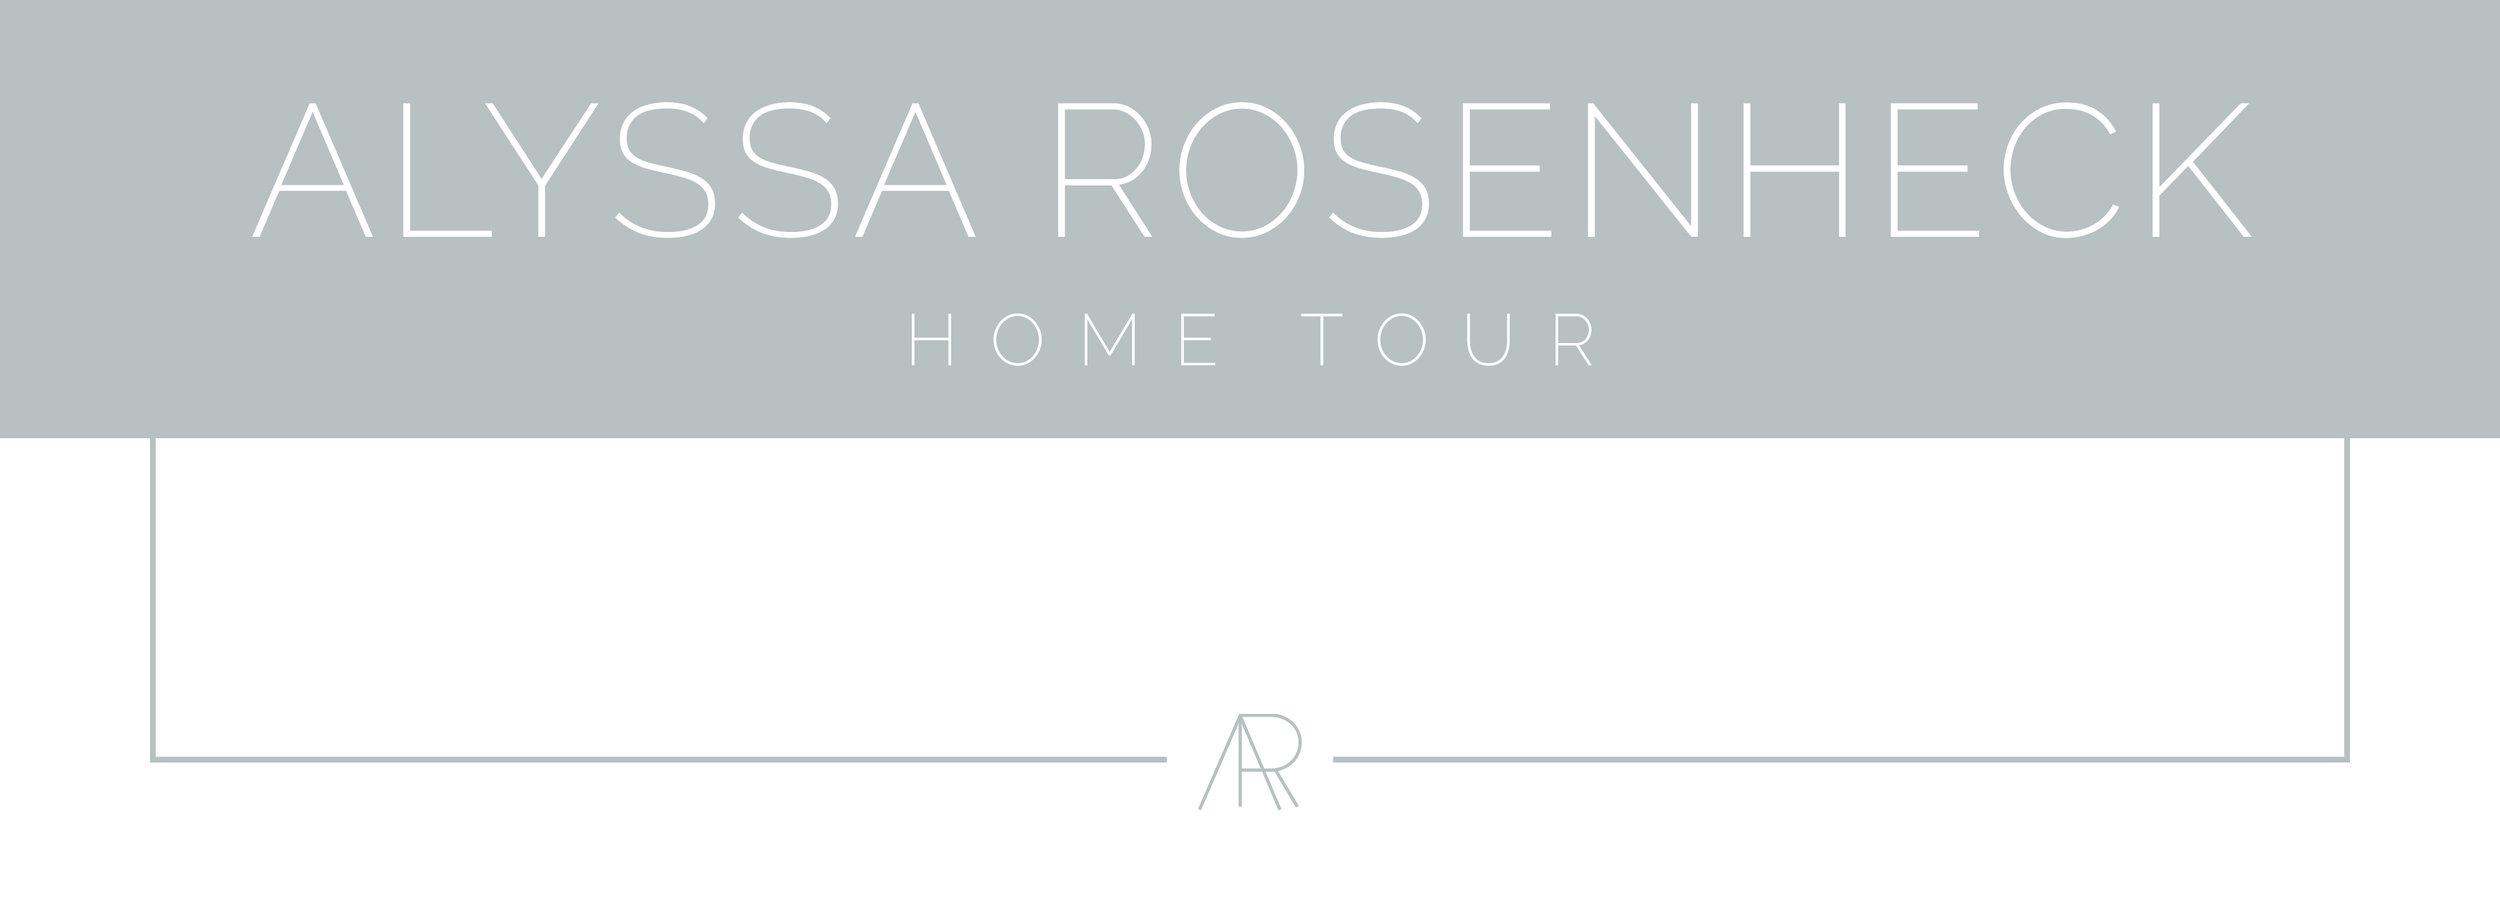 Alyssa Rosenheck Features - Home Tour Narrow.jpg